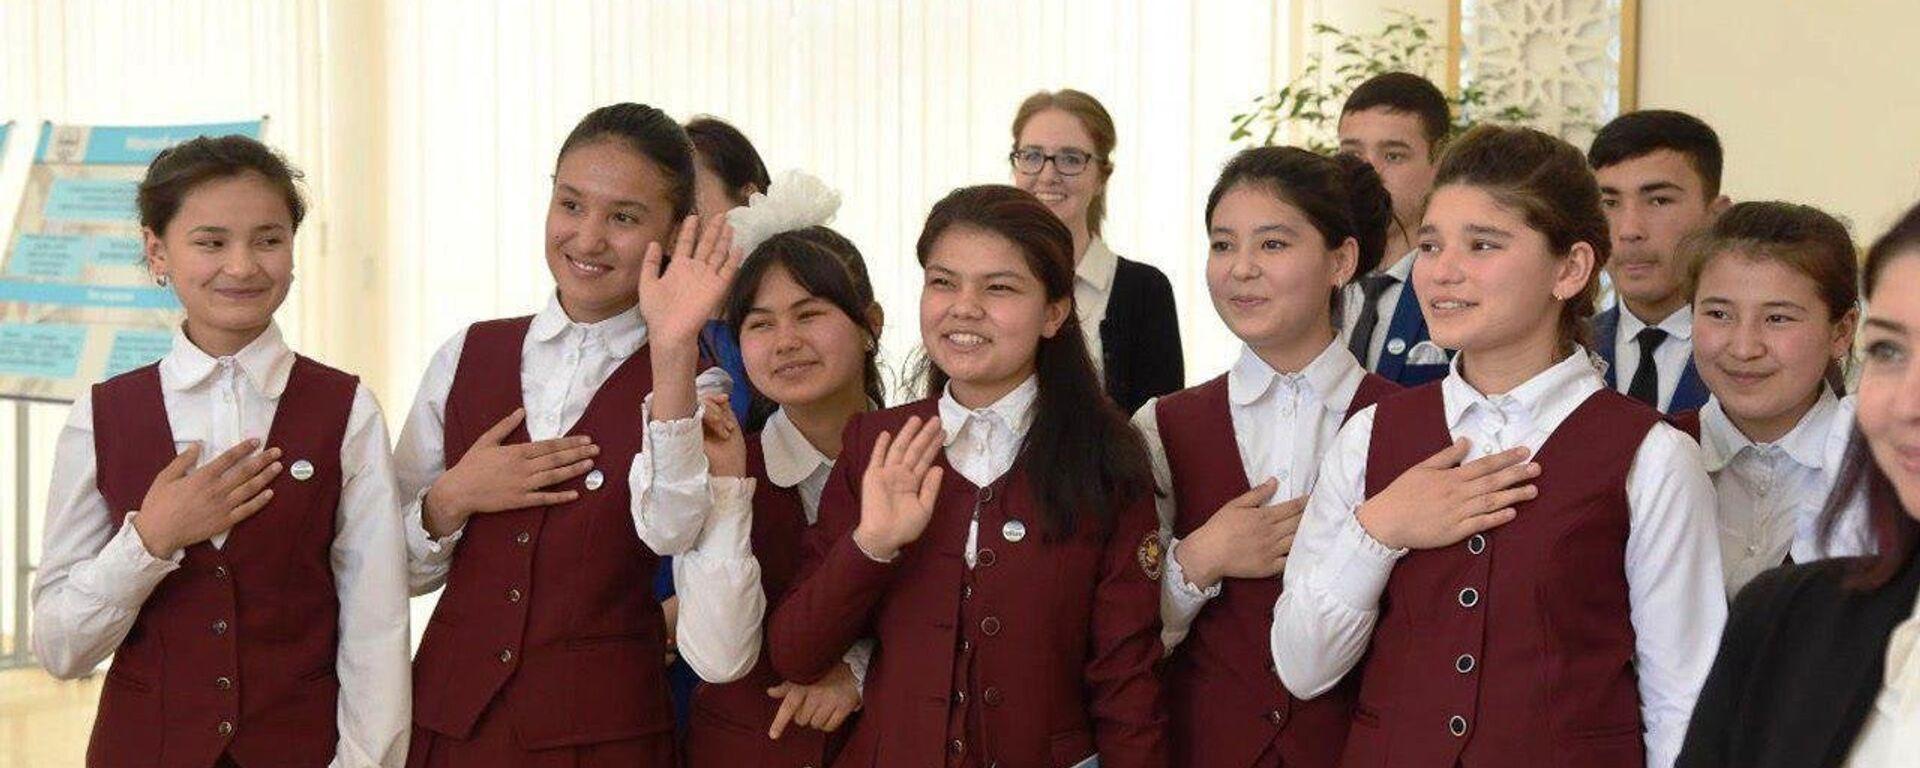 Молодежь, закончившая школу Ибрата, будет приниматься в вузы без экзаменов - Sputnik Узбекистан, 1920, 30.06.2021